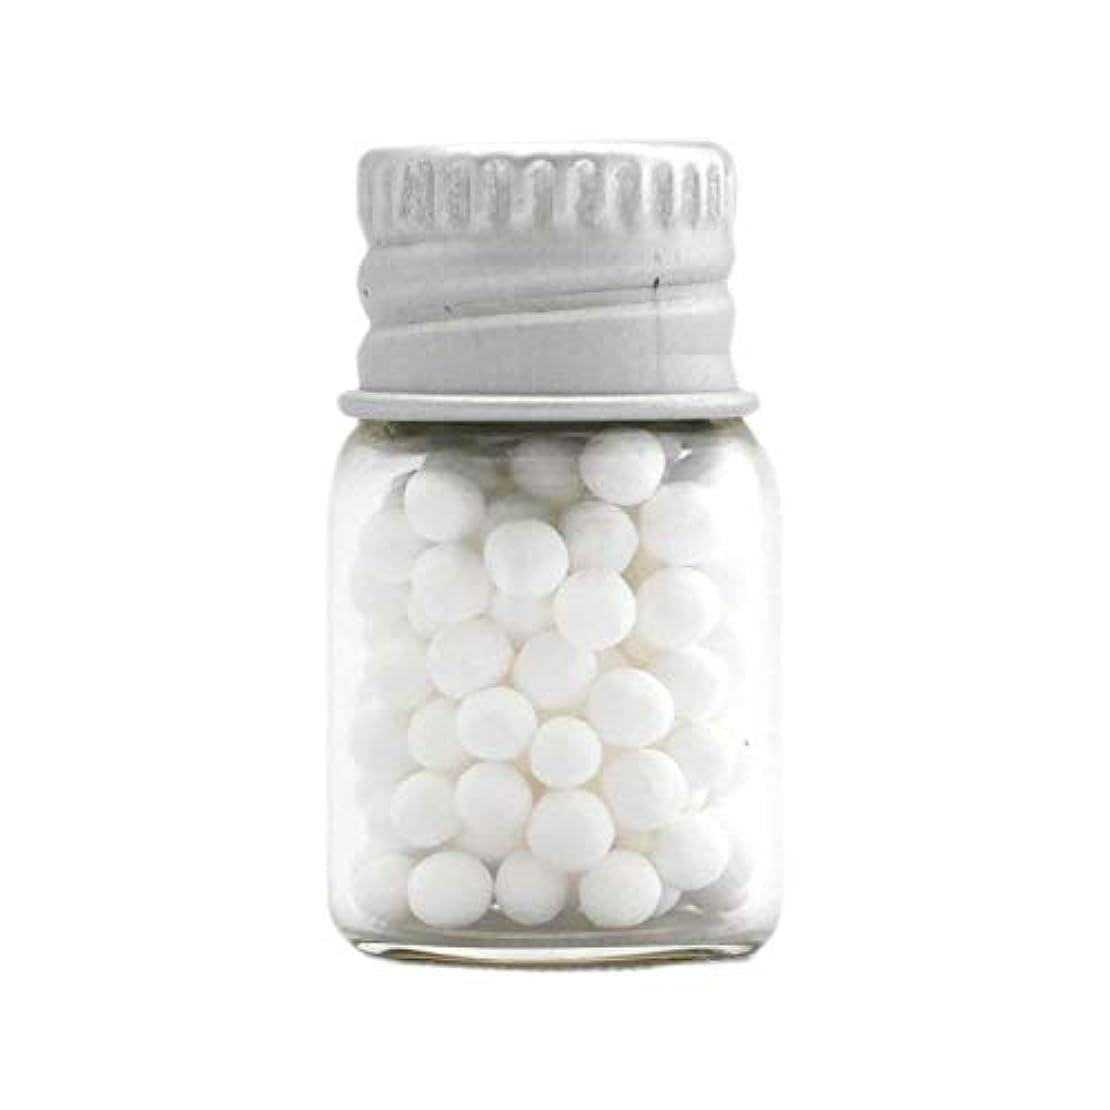 その結果時計回り魂アロマ?エコビーズ(直径約2mm)0.5g 銀色フタ付きミニボトル入り 香りをしみこませることのできるアロマボール